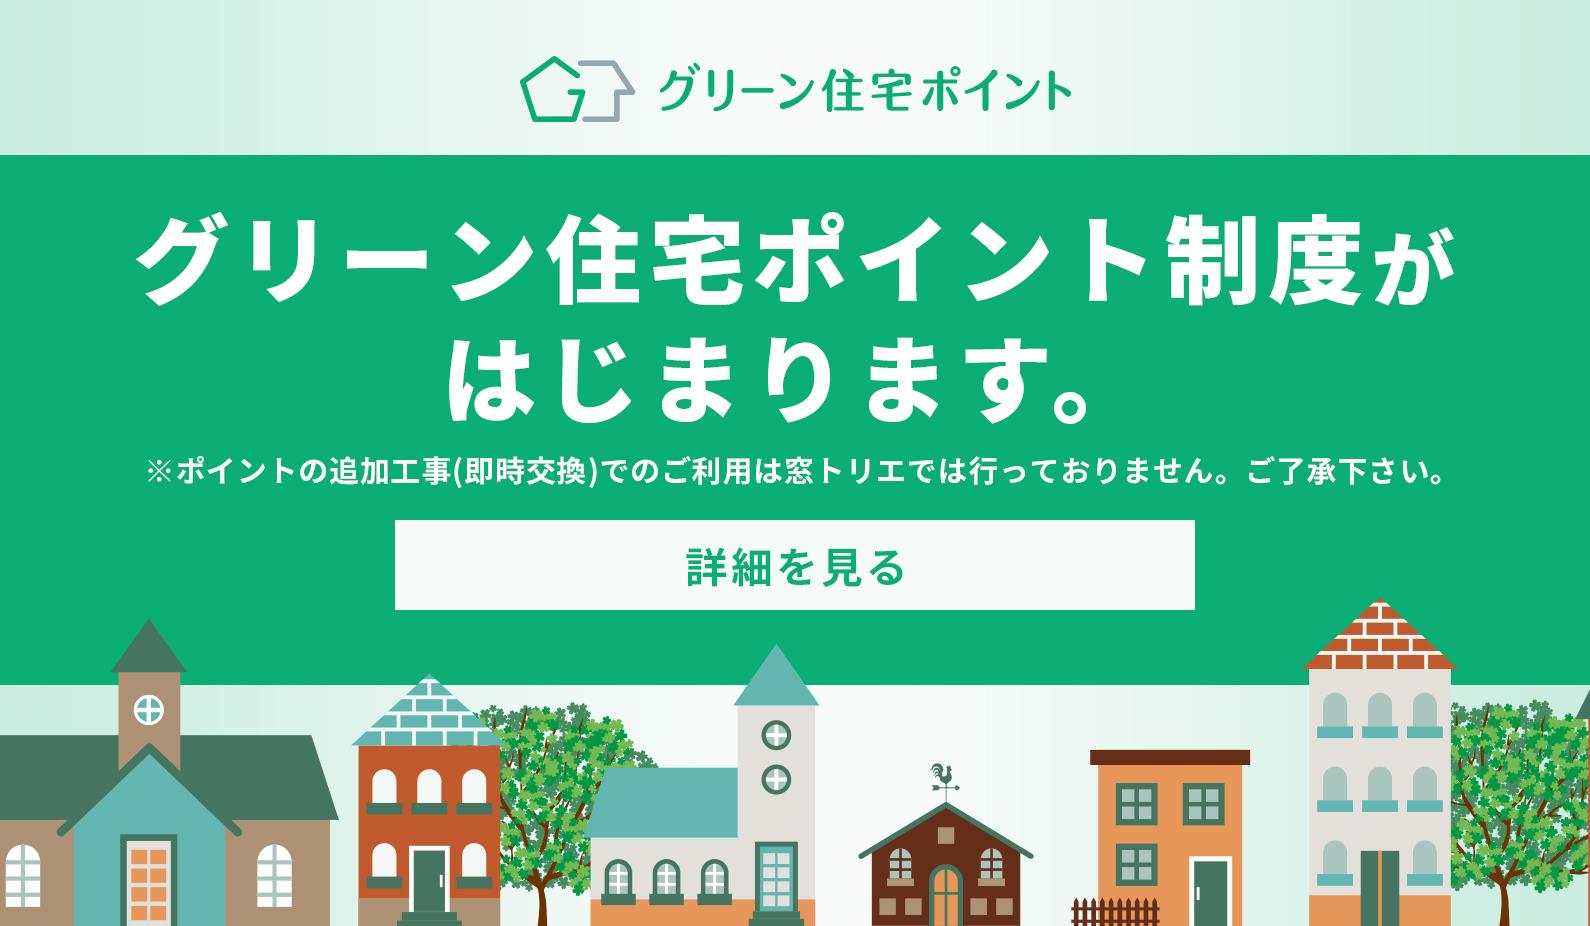 グリーン住宅ポイント制度がはじまります。※ポイントの追加工事(即時交換)でのご利用は窓トリエでは行っておりません。ご了承下さい。